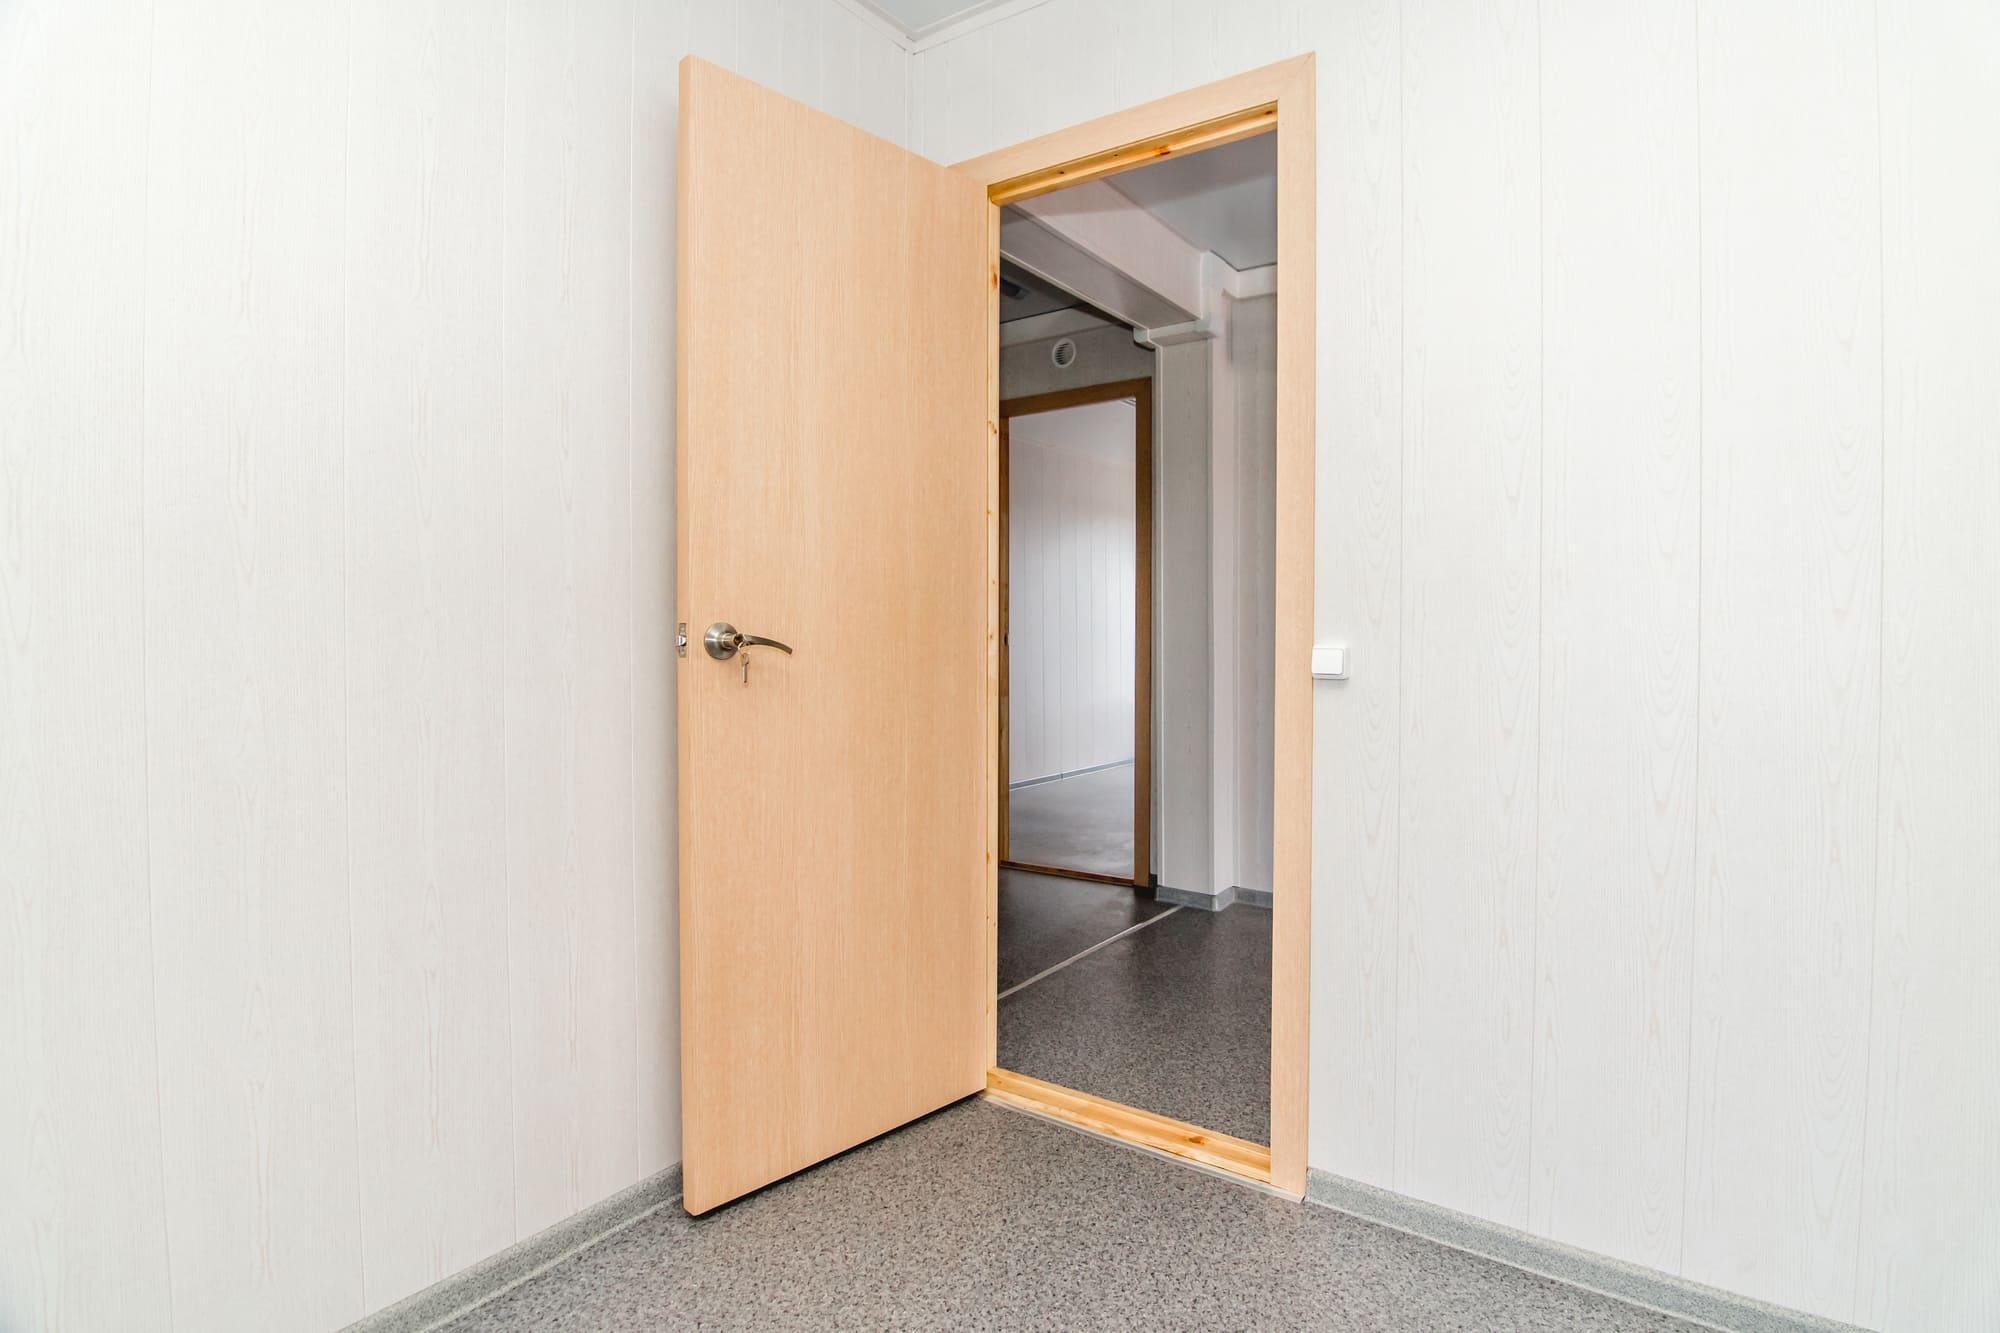 ドア・スイッチプレート